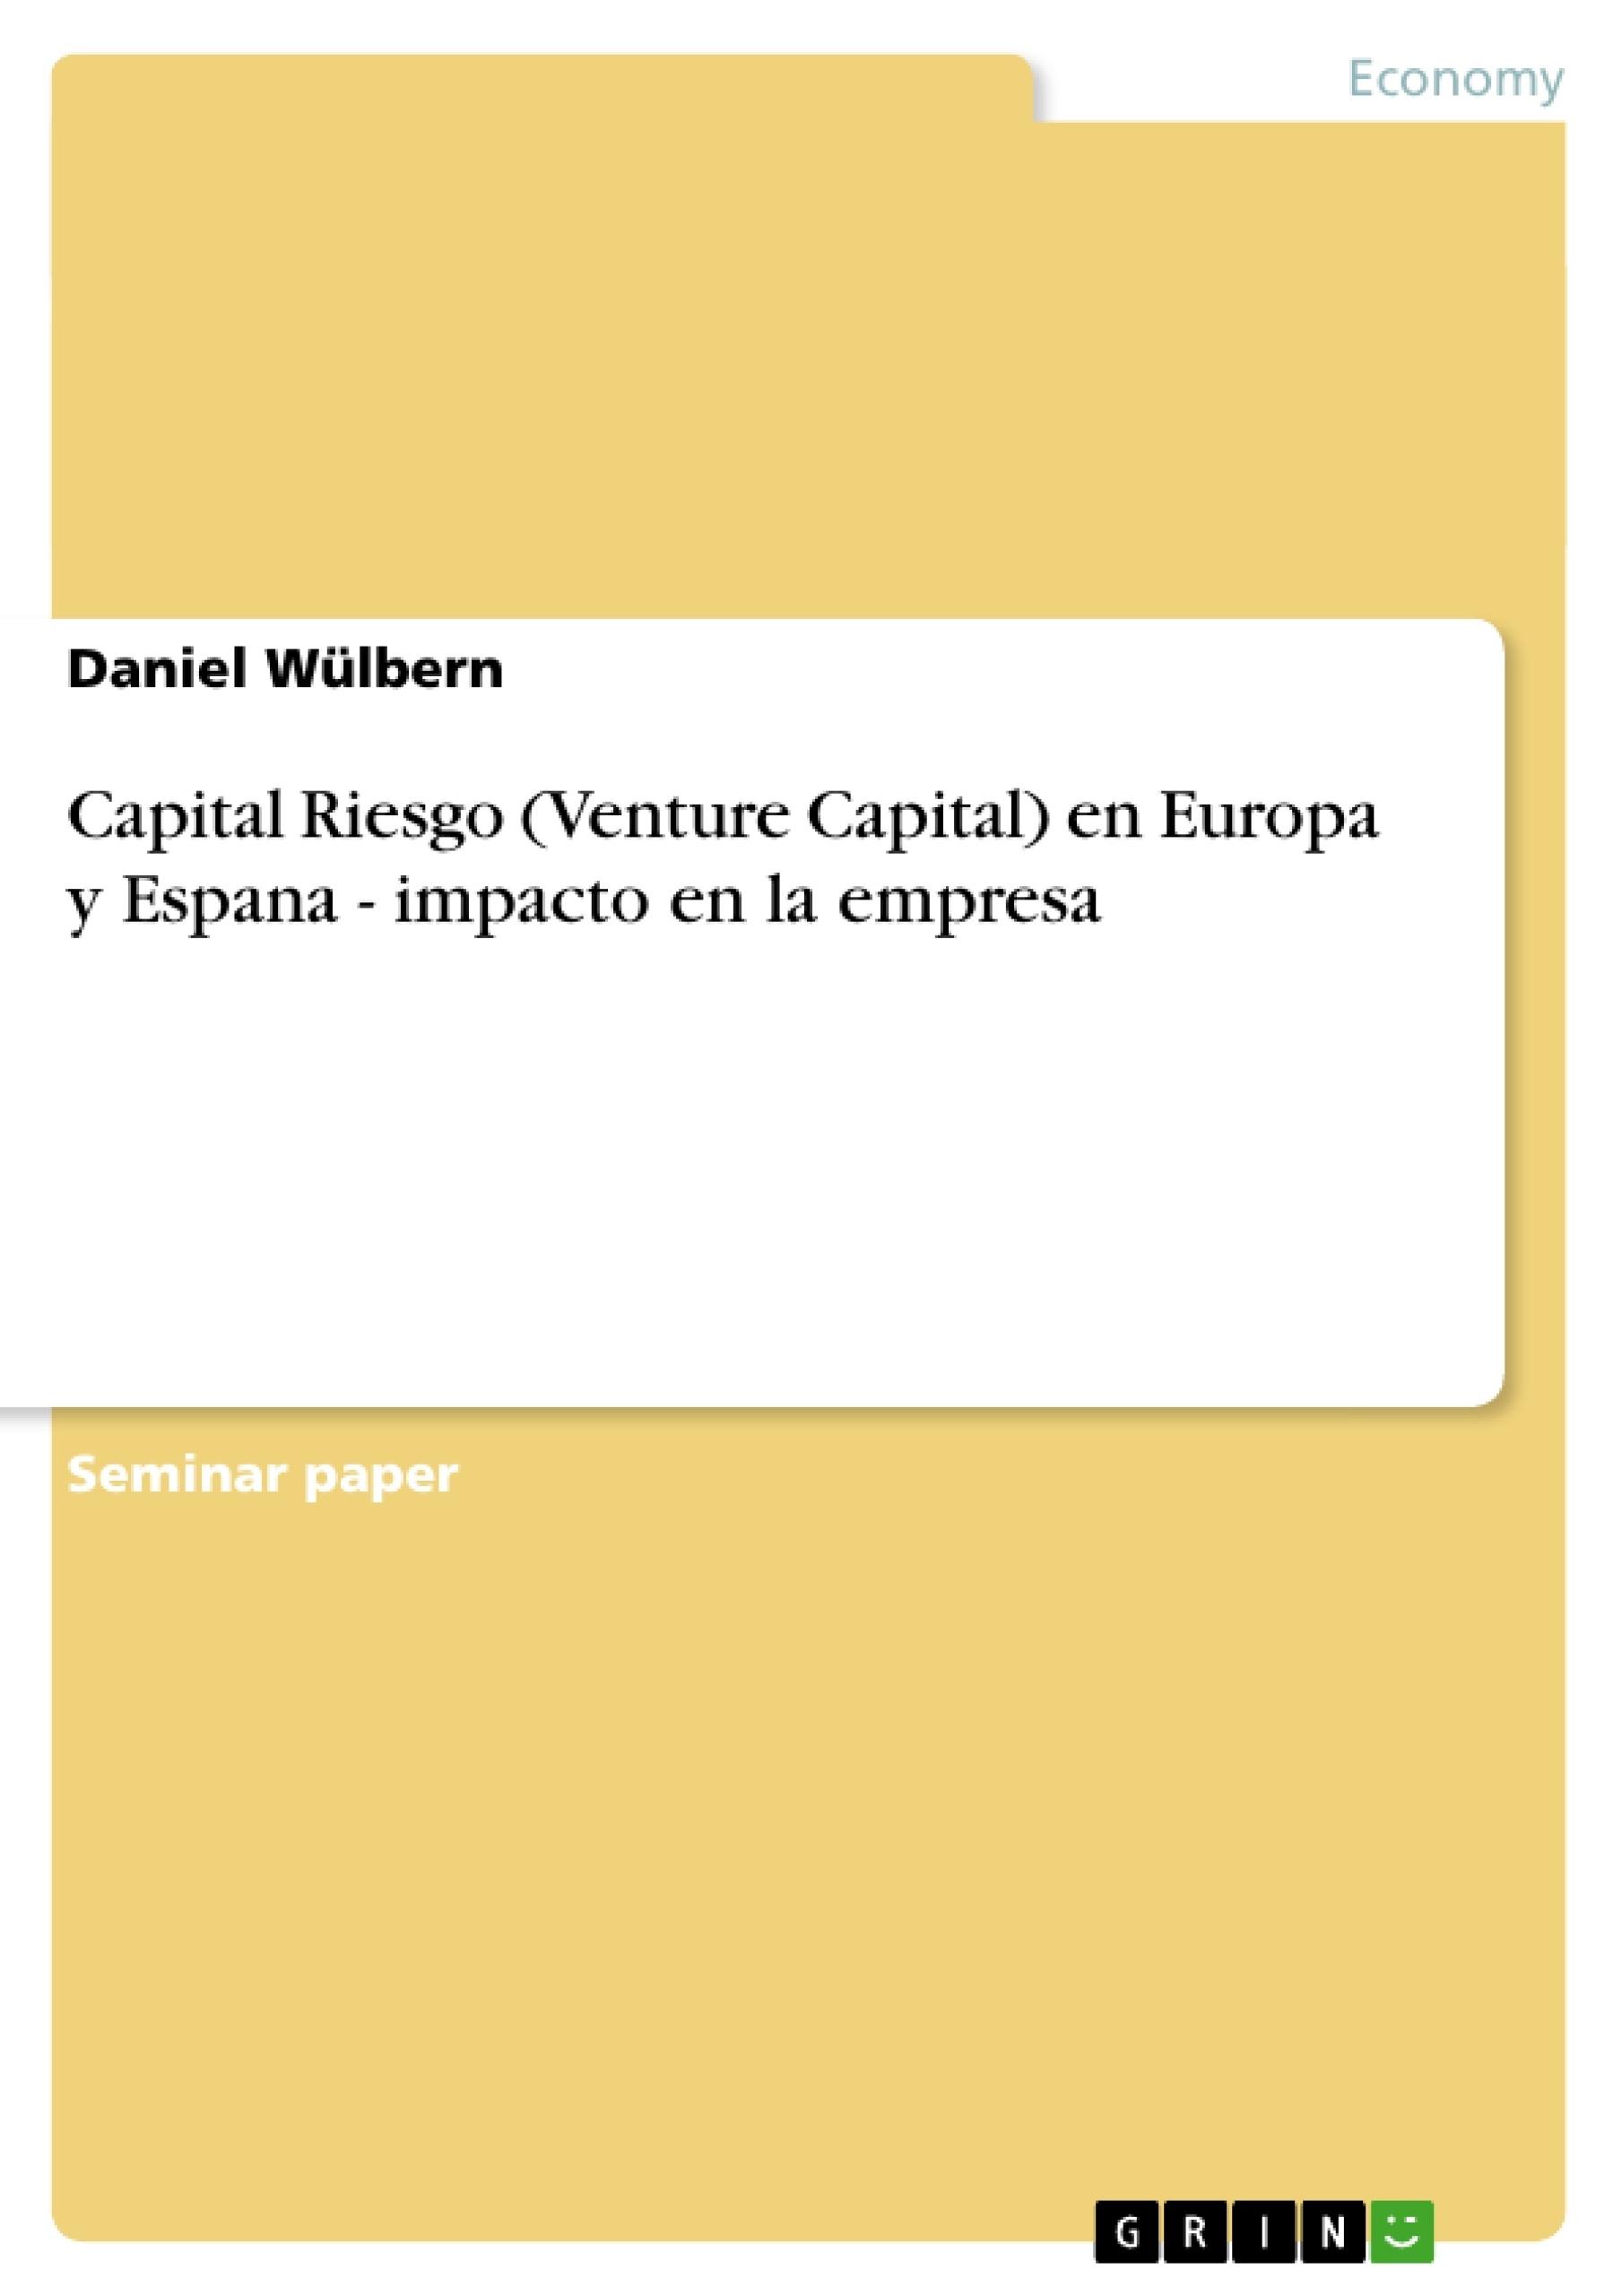 Título: Capital Riesgo (Venture Capital) en Europa y Espana - impacto en la empresa